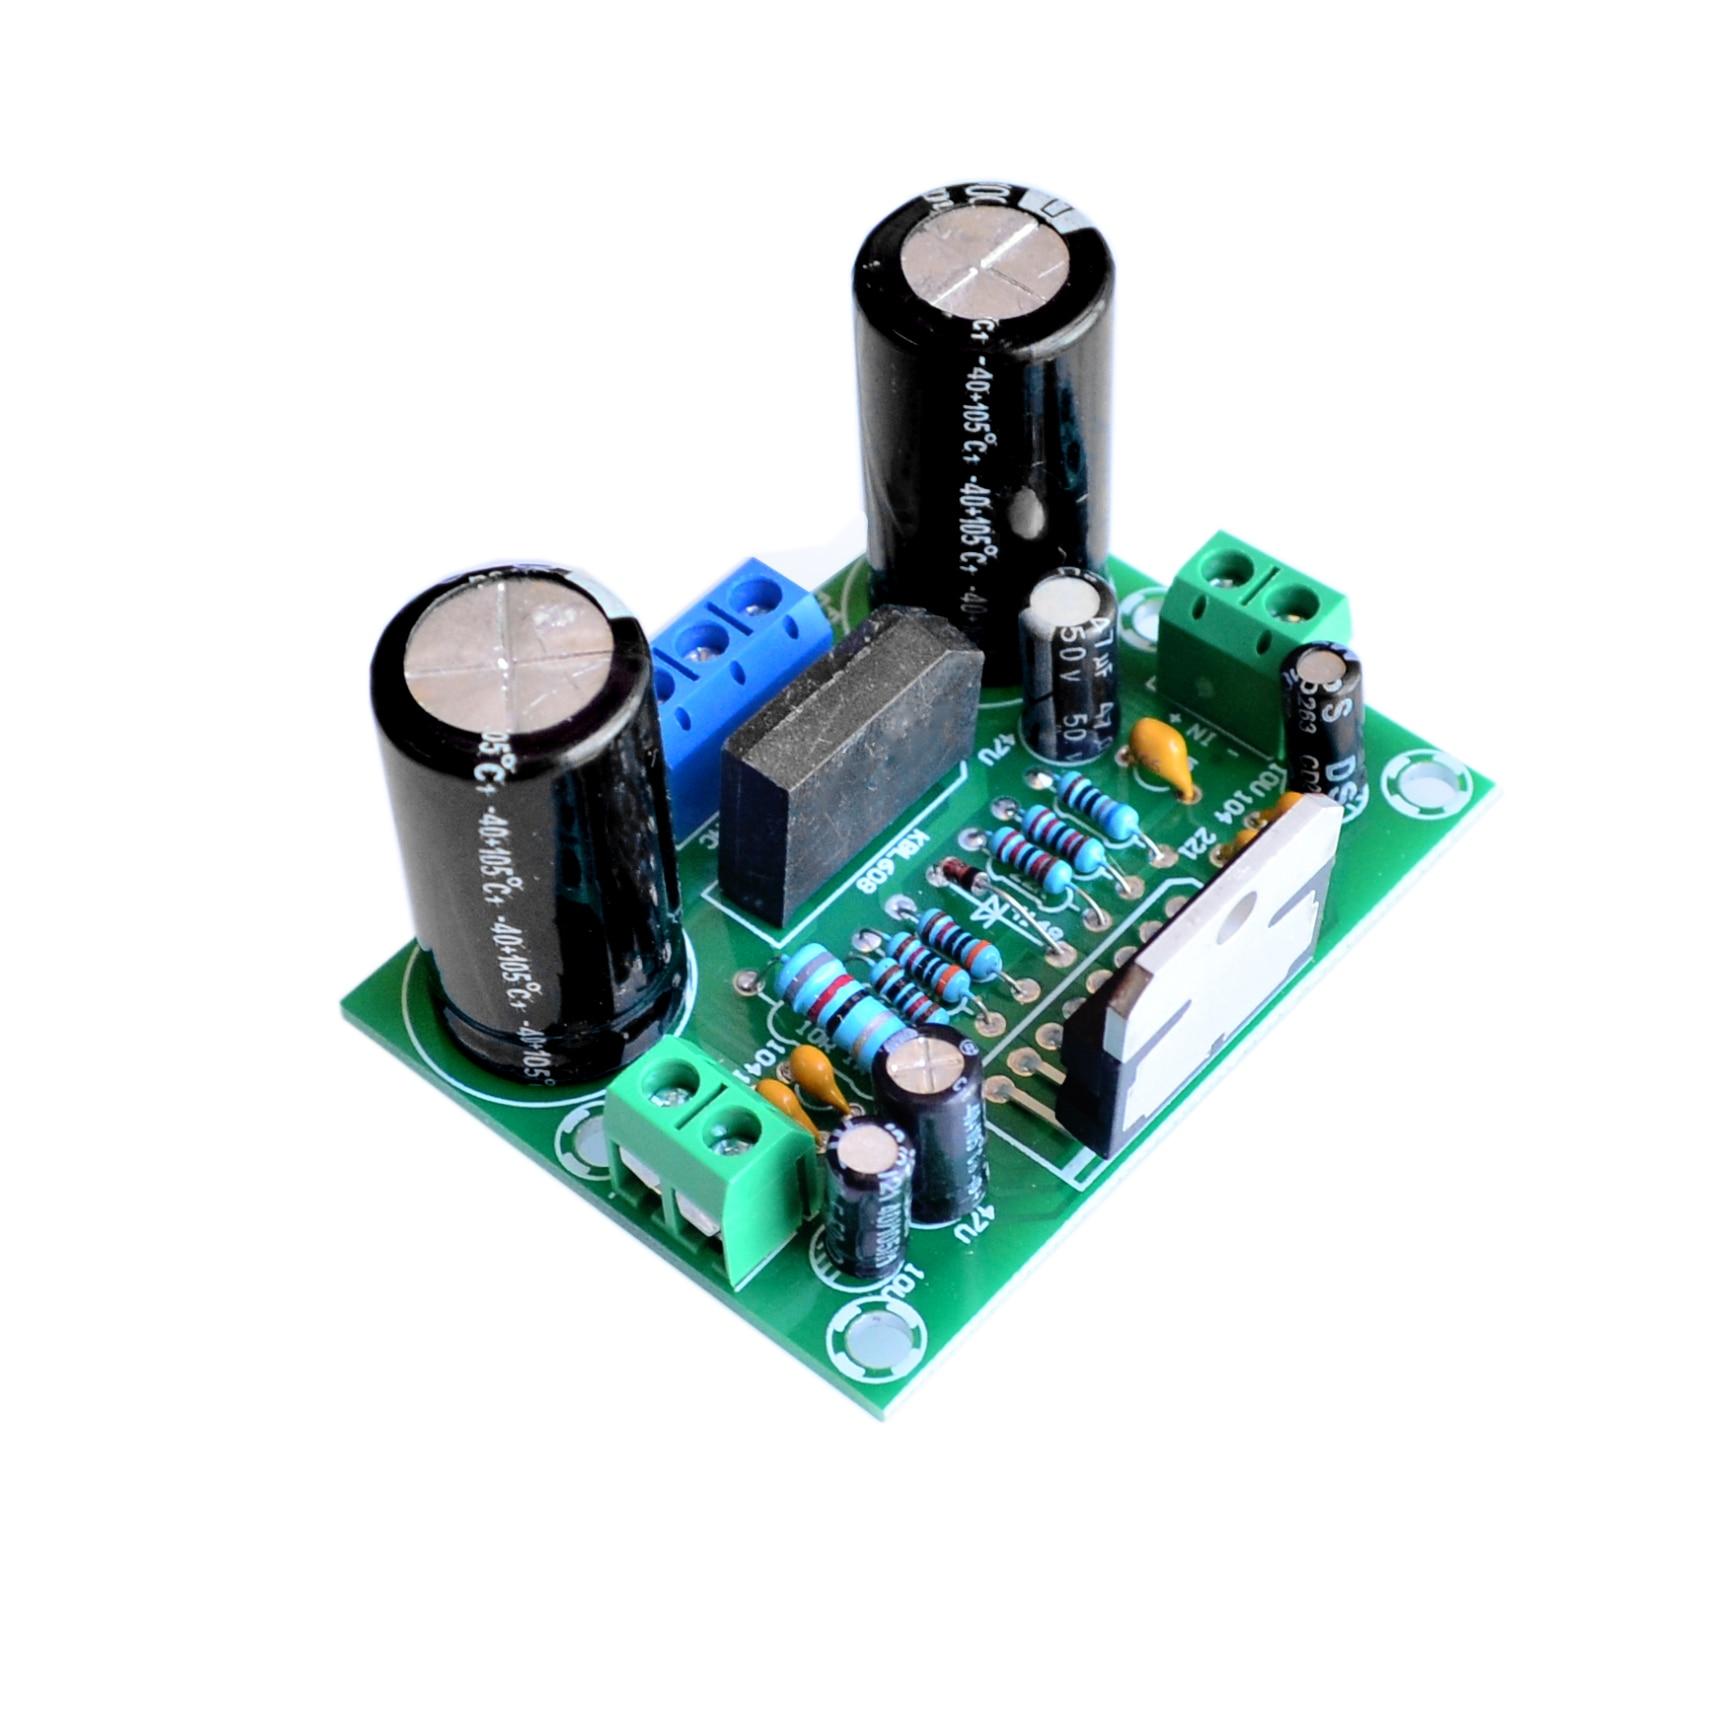 חכם אלקטרוניקה TDA7293 דיגיטלי אודיו מגבר לוח מונו ערוץ אחד AC 12 v-50 v 100 w